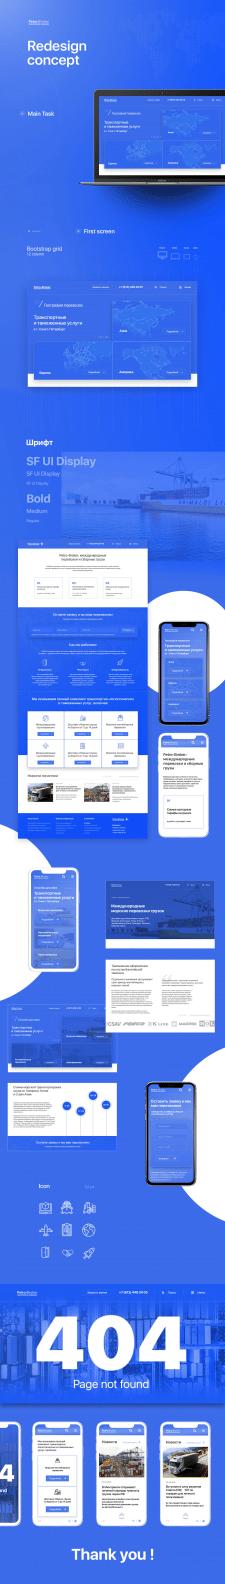 Концепт редизайн сайта транспортной компании